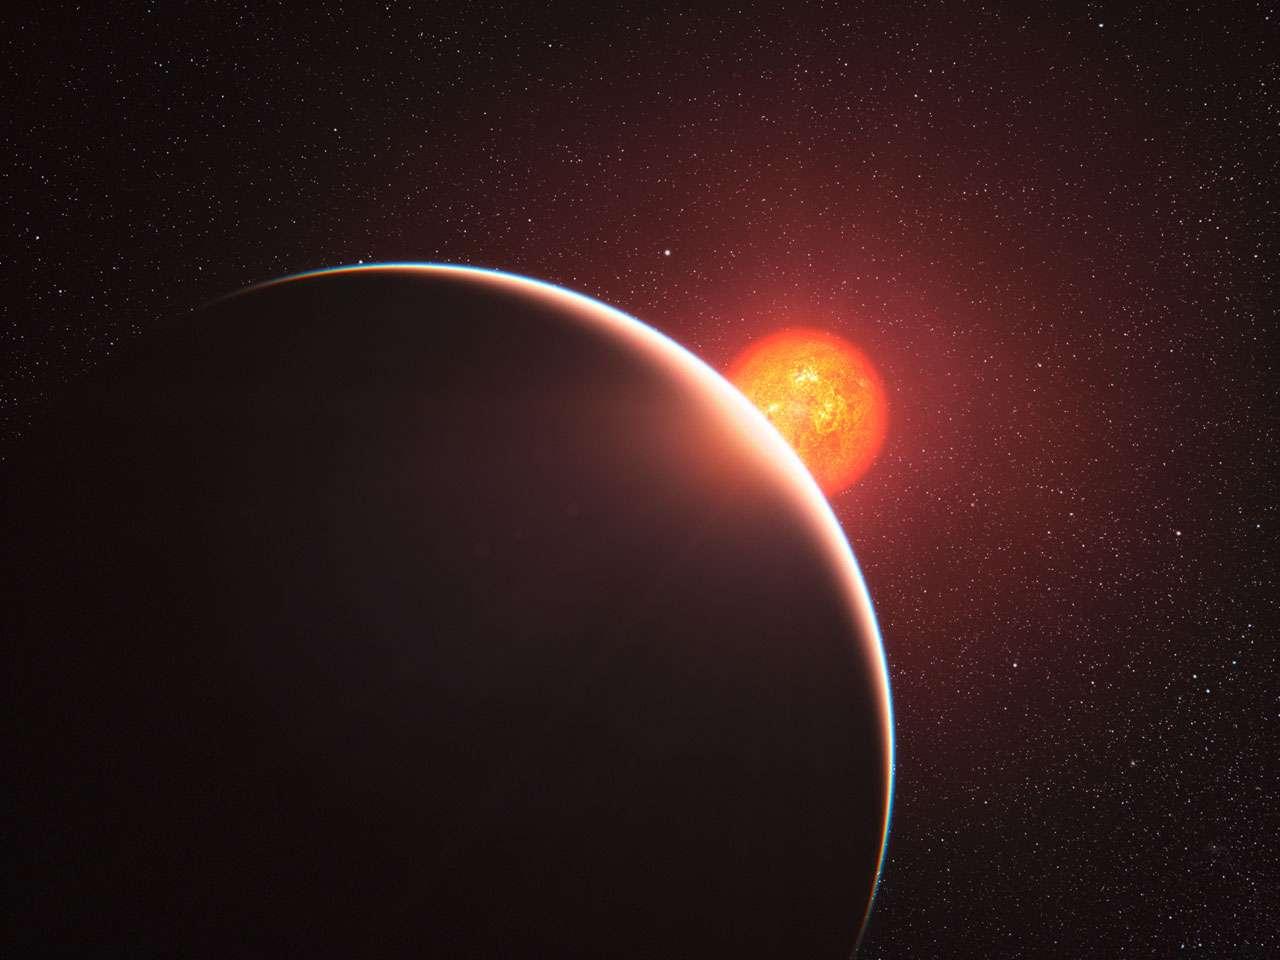 Une vue d'artiste du transit de GJ 1214 b devant son étoile hôte. © ESO/L. Calçada